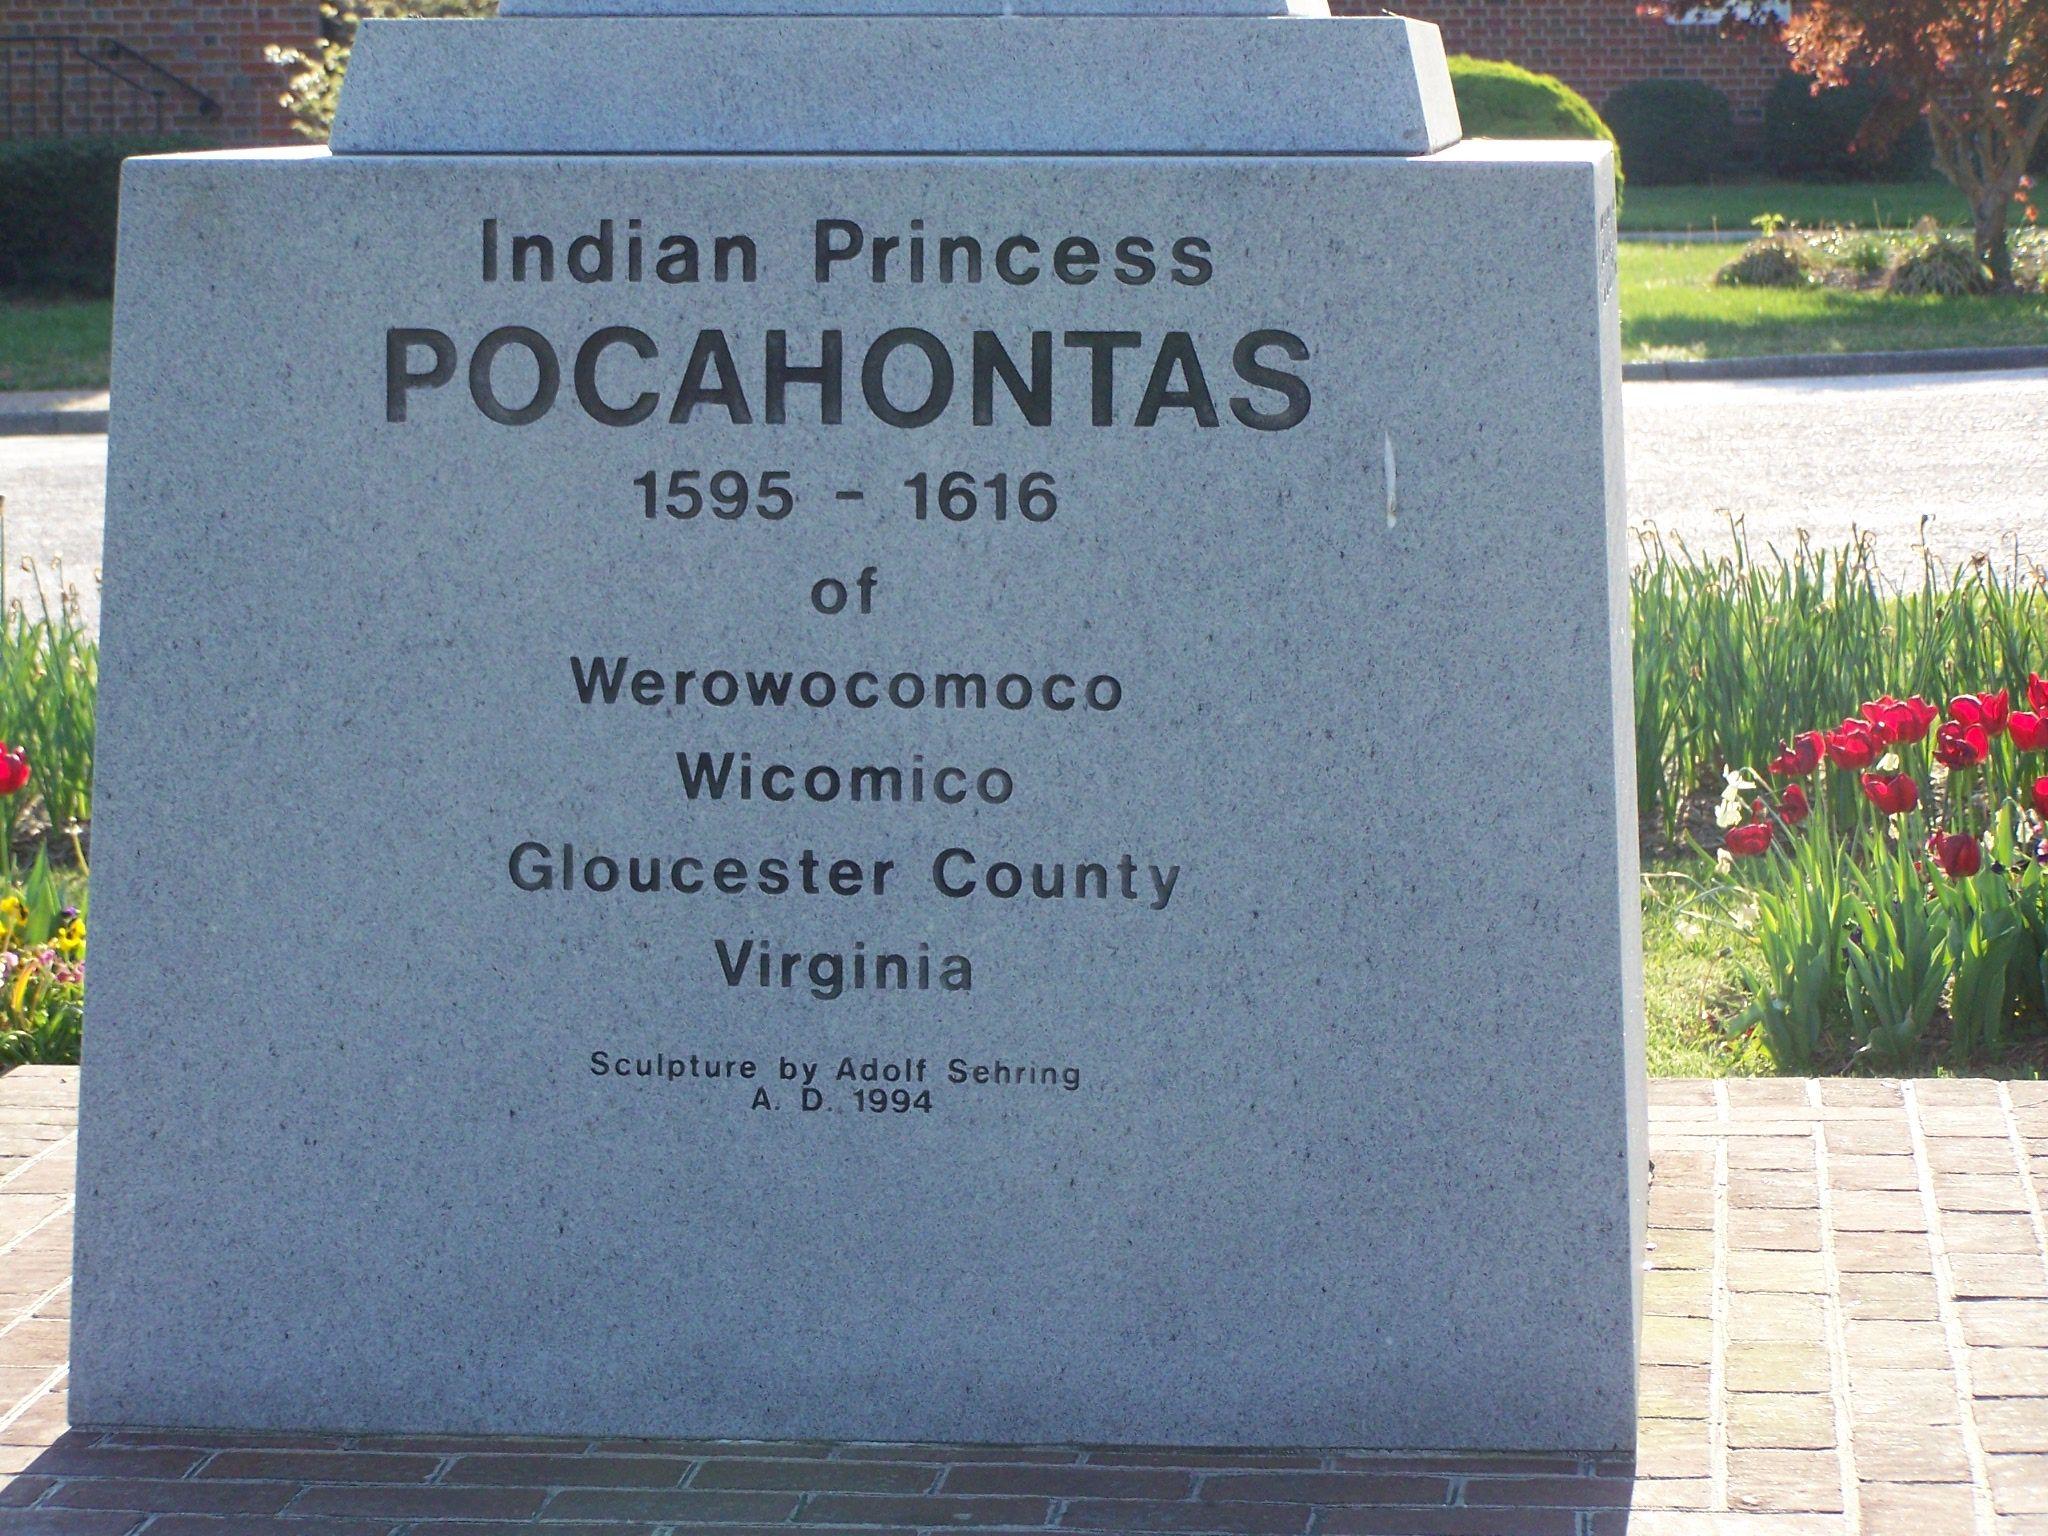 Indian Princess Pocahontas Marker